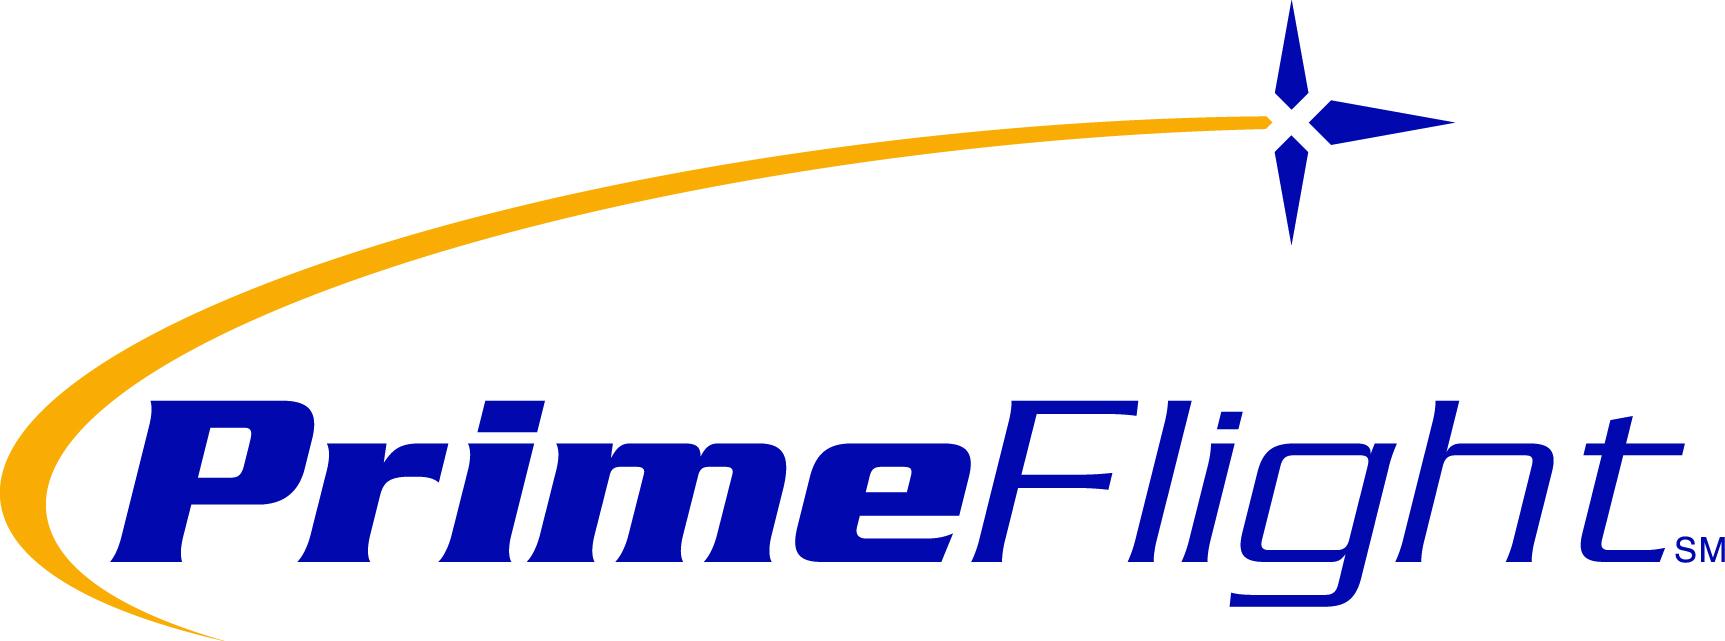 PrimeFlight